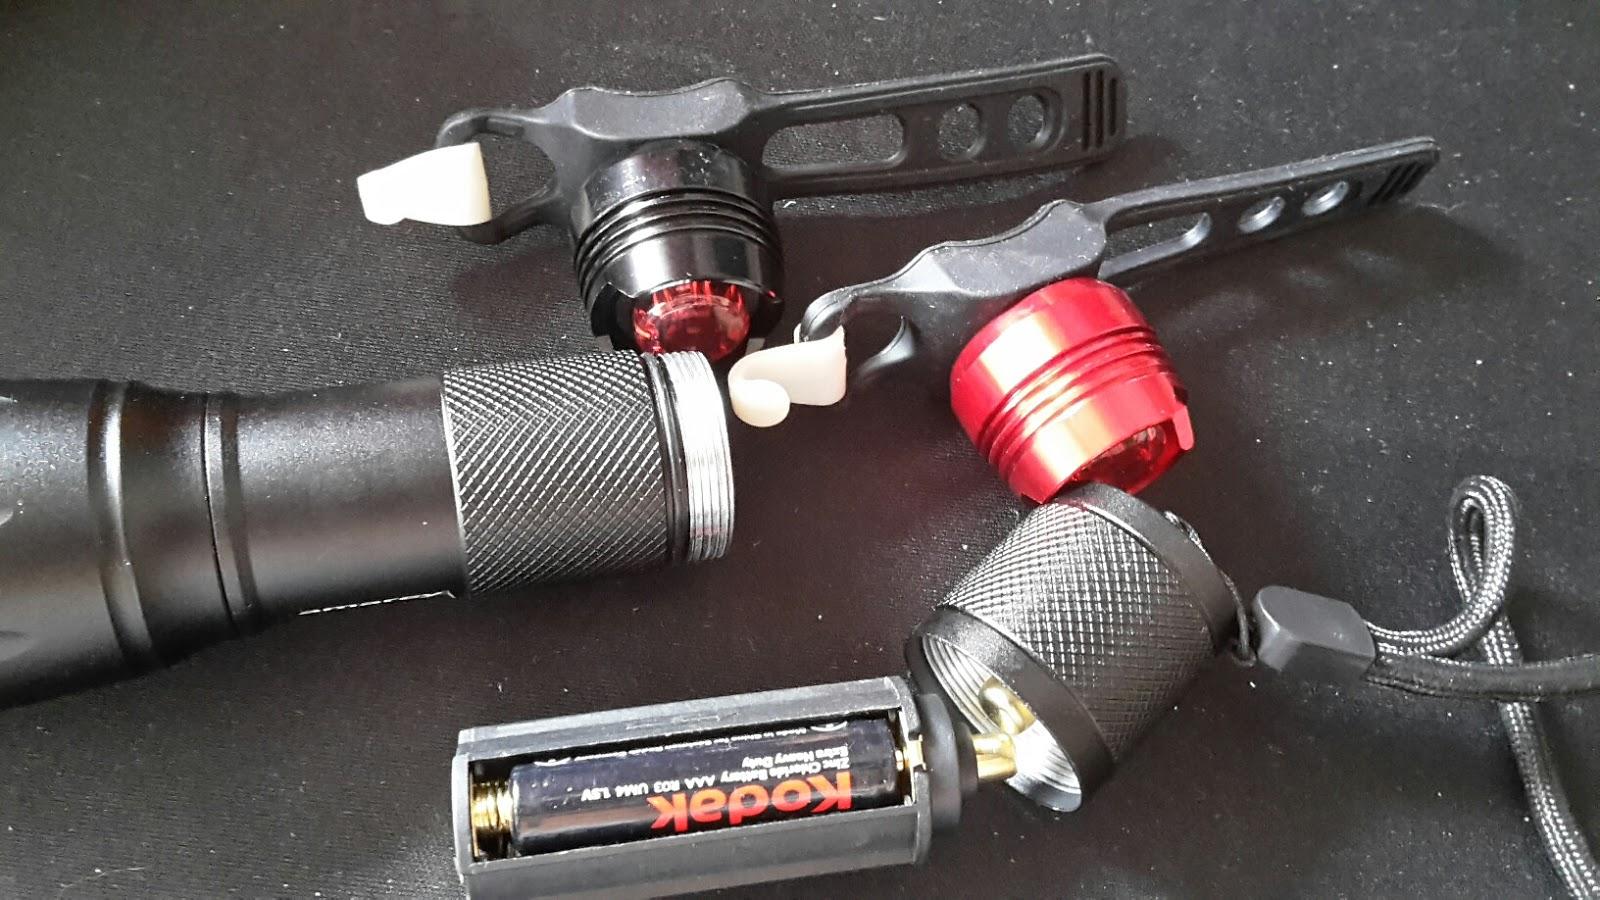 lahr2006 testet: LED Fahrradlampe, amarey® LED Fahrradbeleuchtung ...